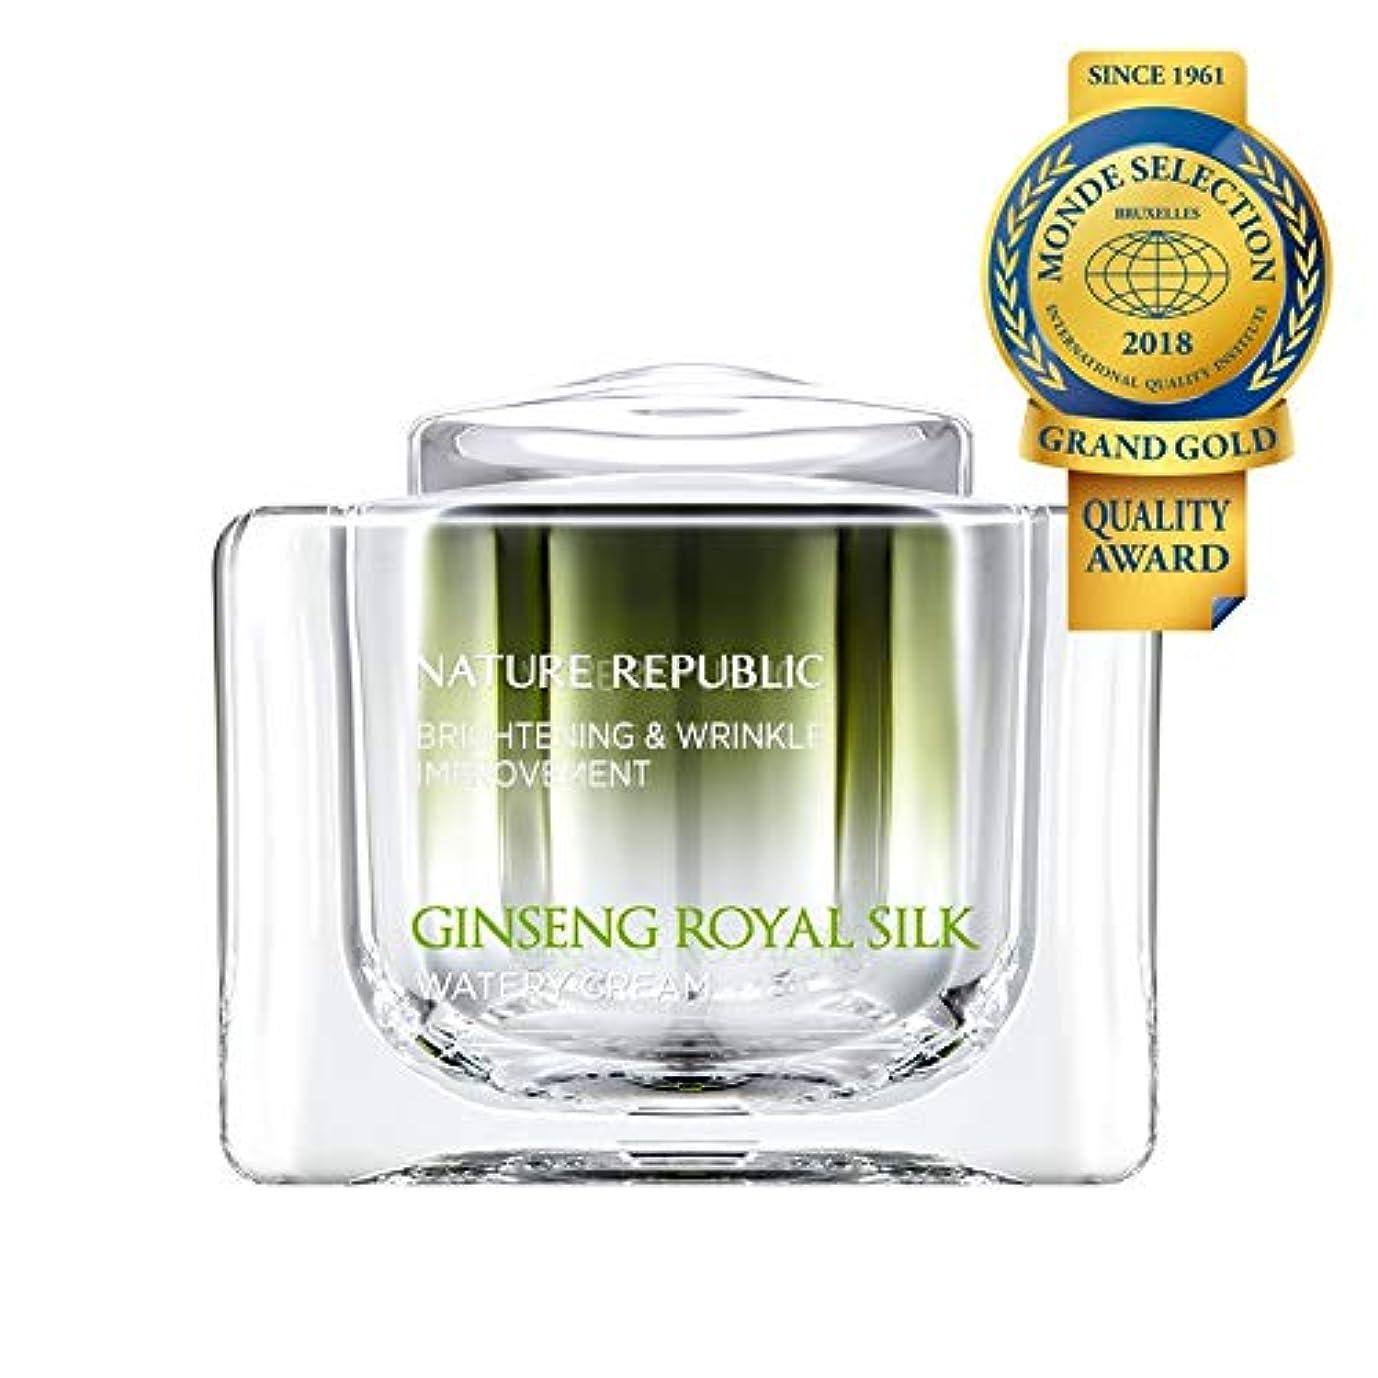 罪悪感服を片付ける企業ネイチャーリパブリック(Nature Republic)ジンセンロイヤルシルクウォーターリークリーム 60g / Ginseng Royal Silk Watery Cream 60g :: 韓国コスメ [並行輸入品]